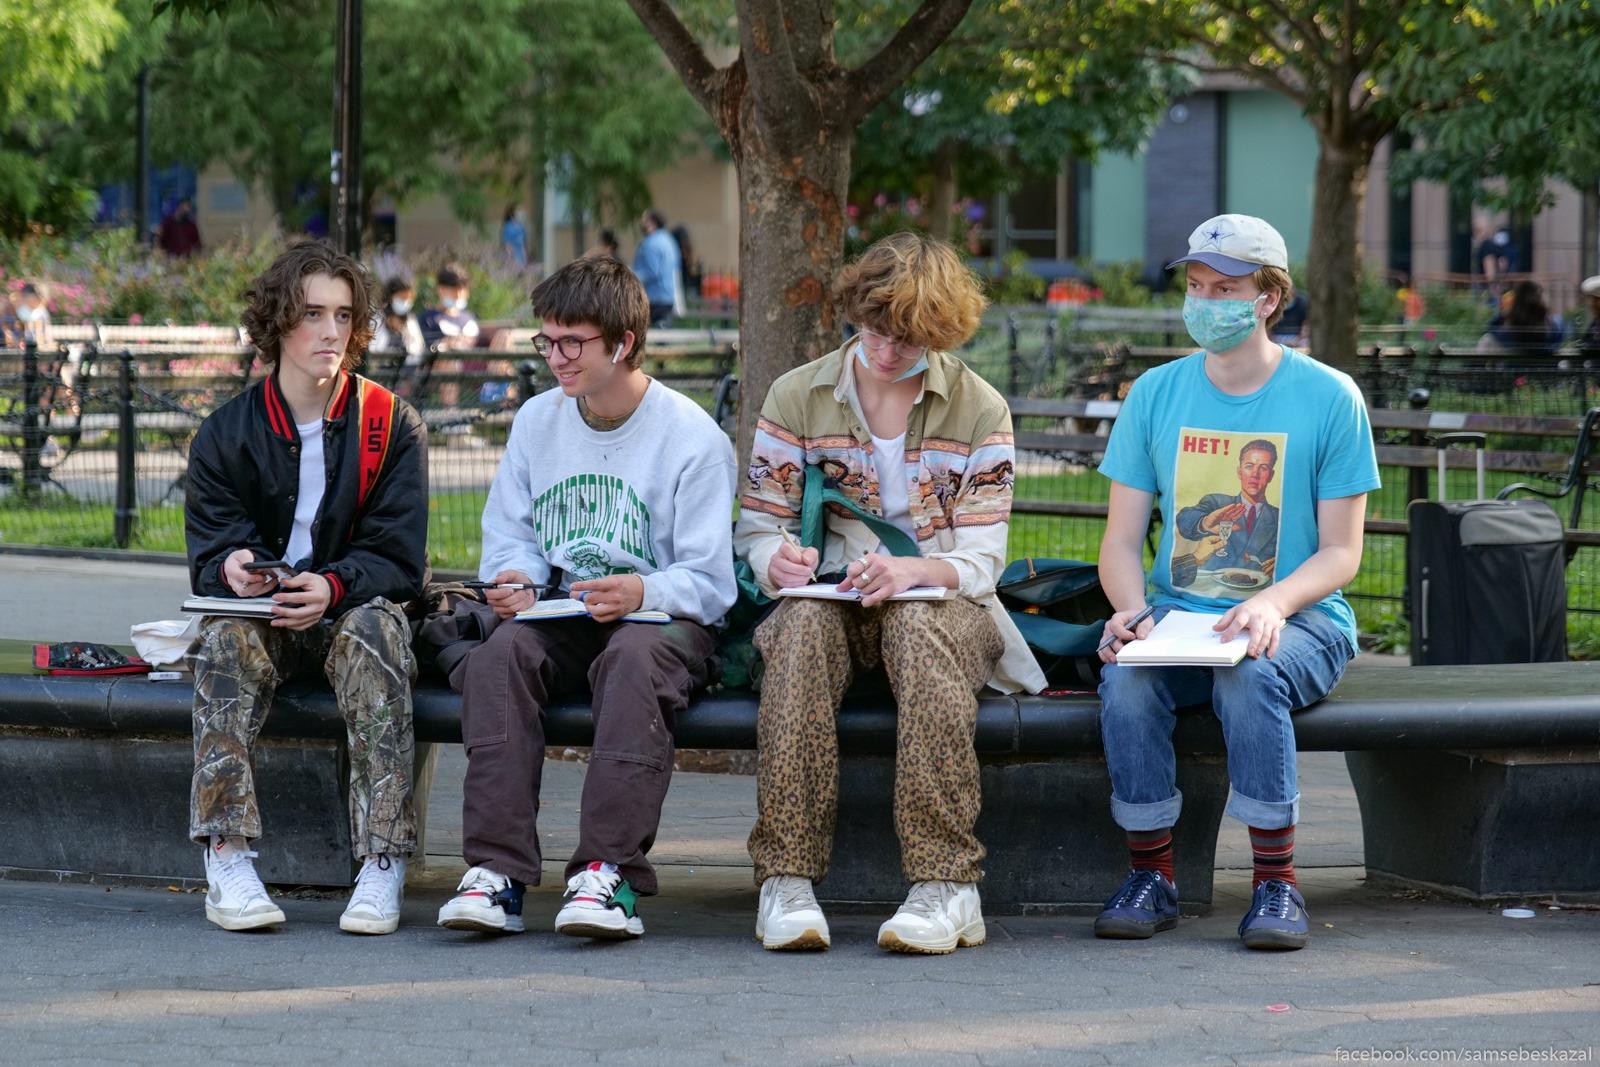 Жители Нью-Йорка Net! Vasington-skver park.